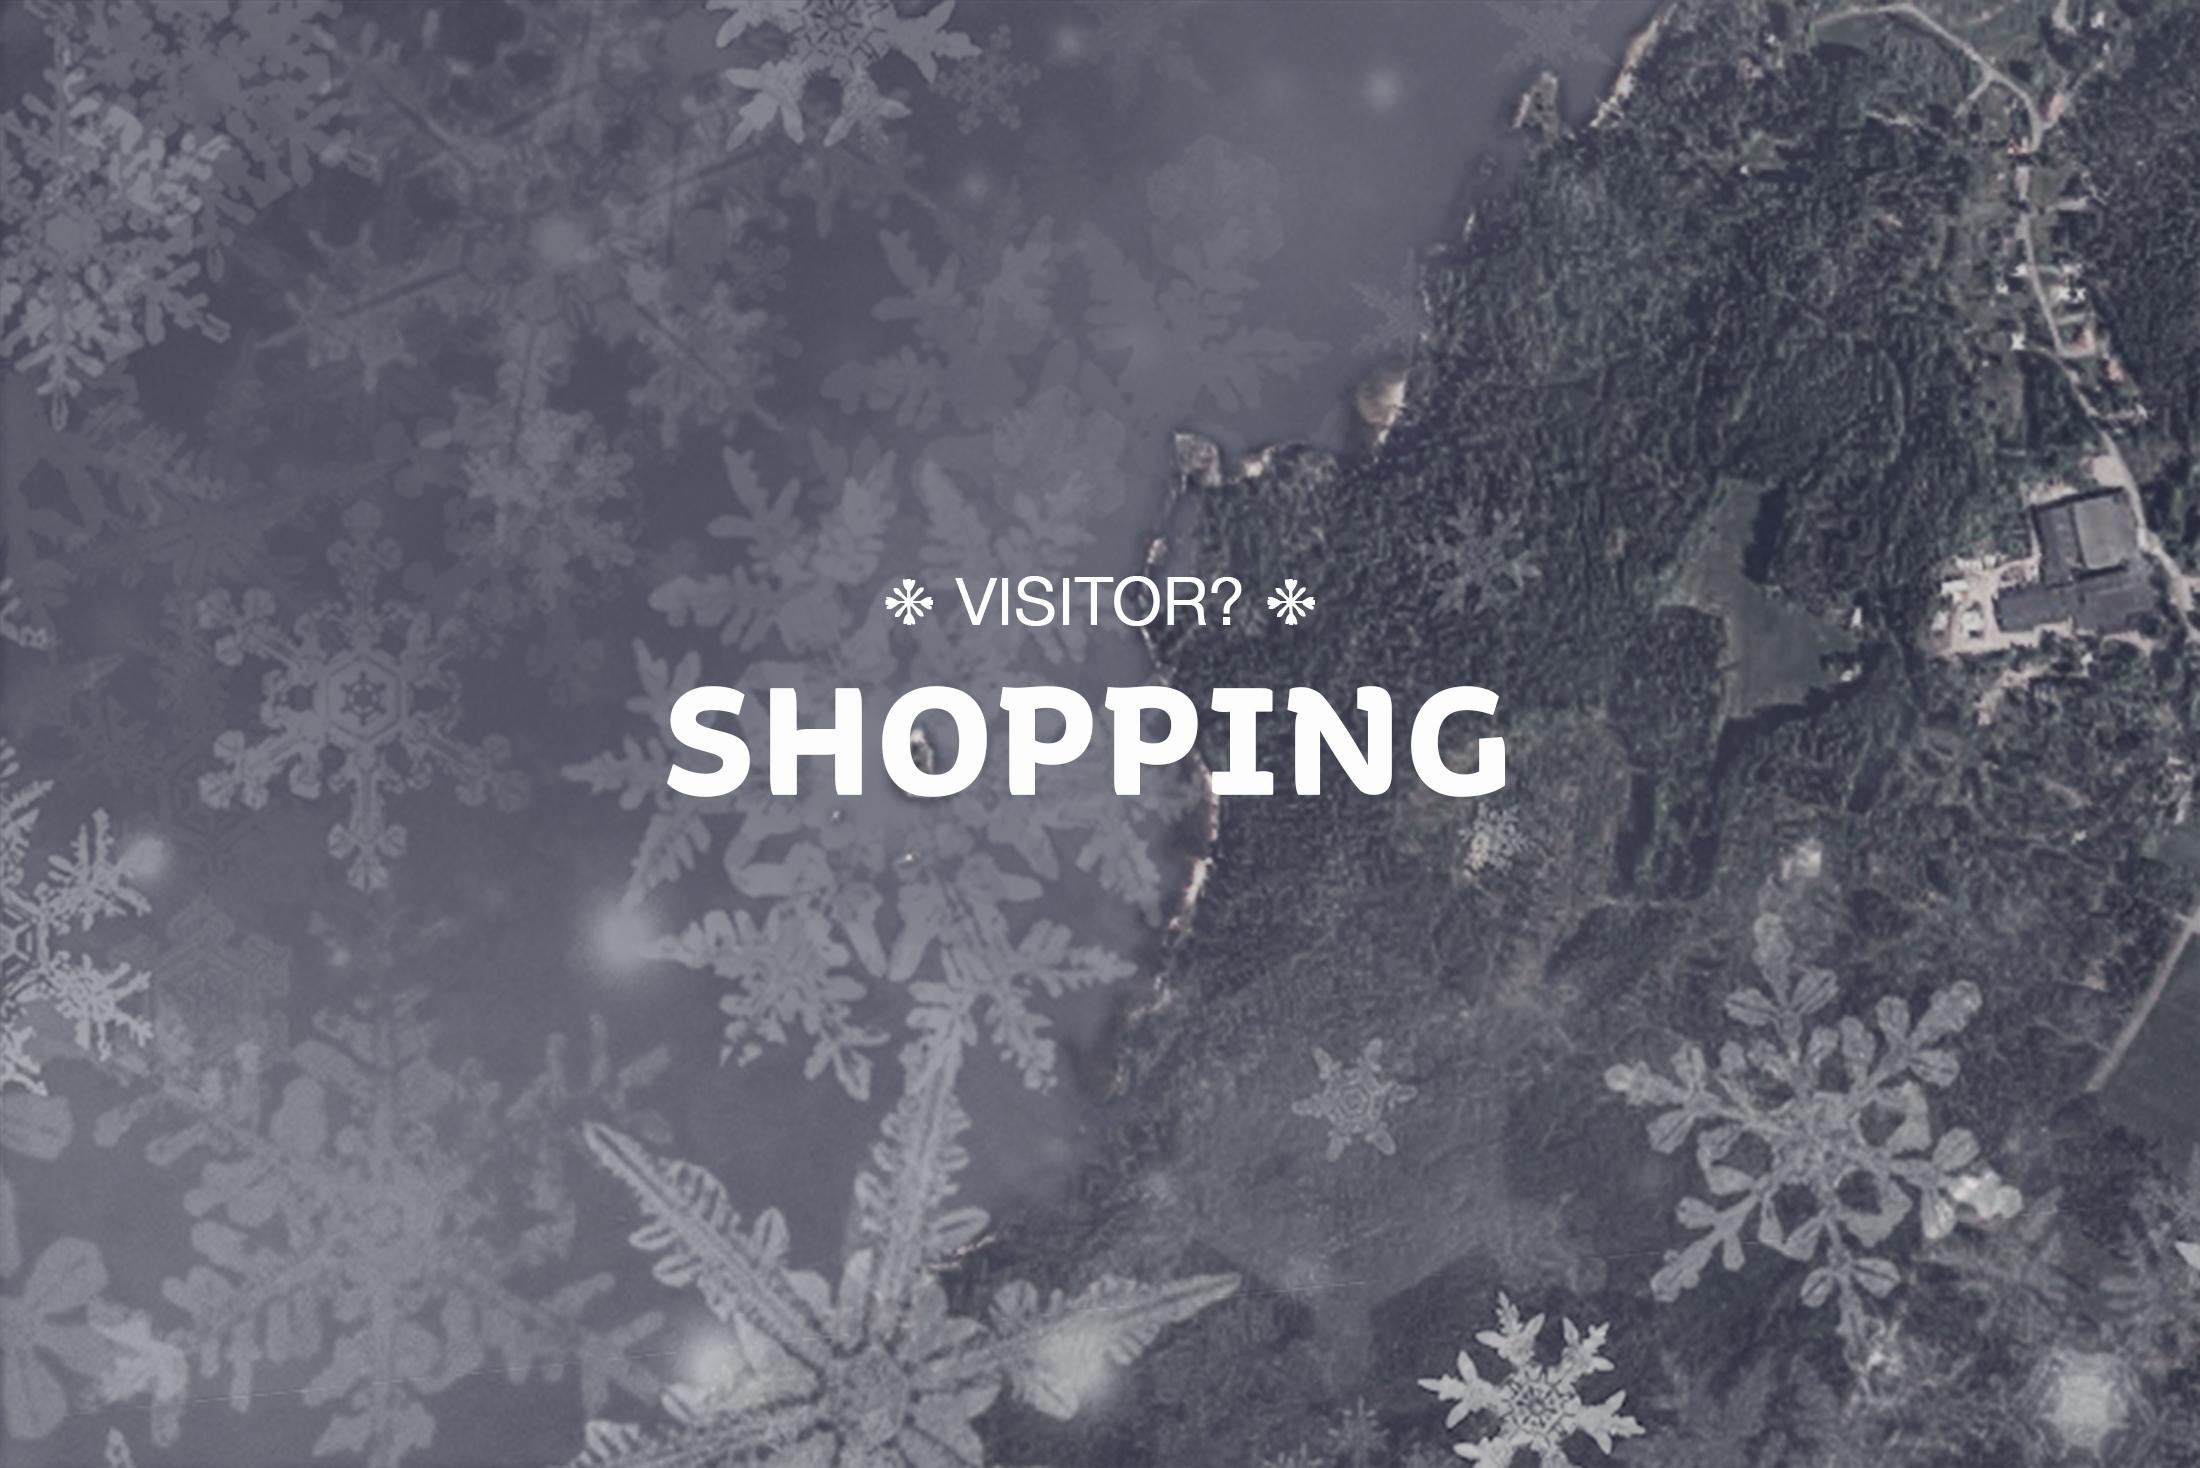 Besökare i området, shopping i området